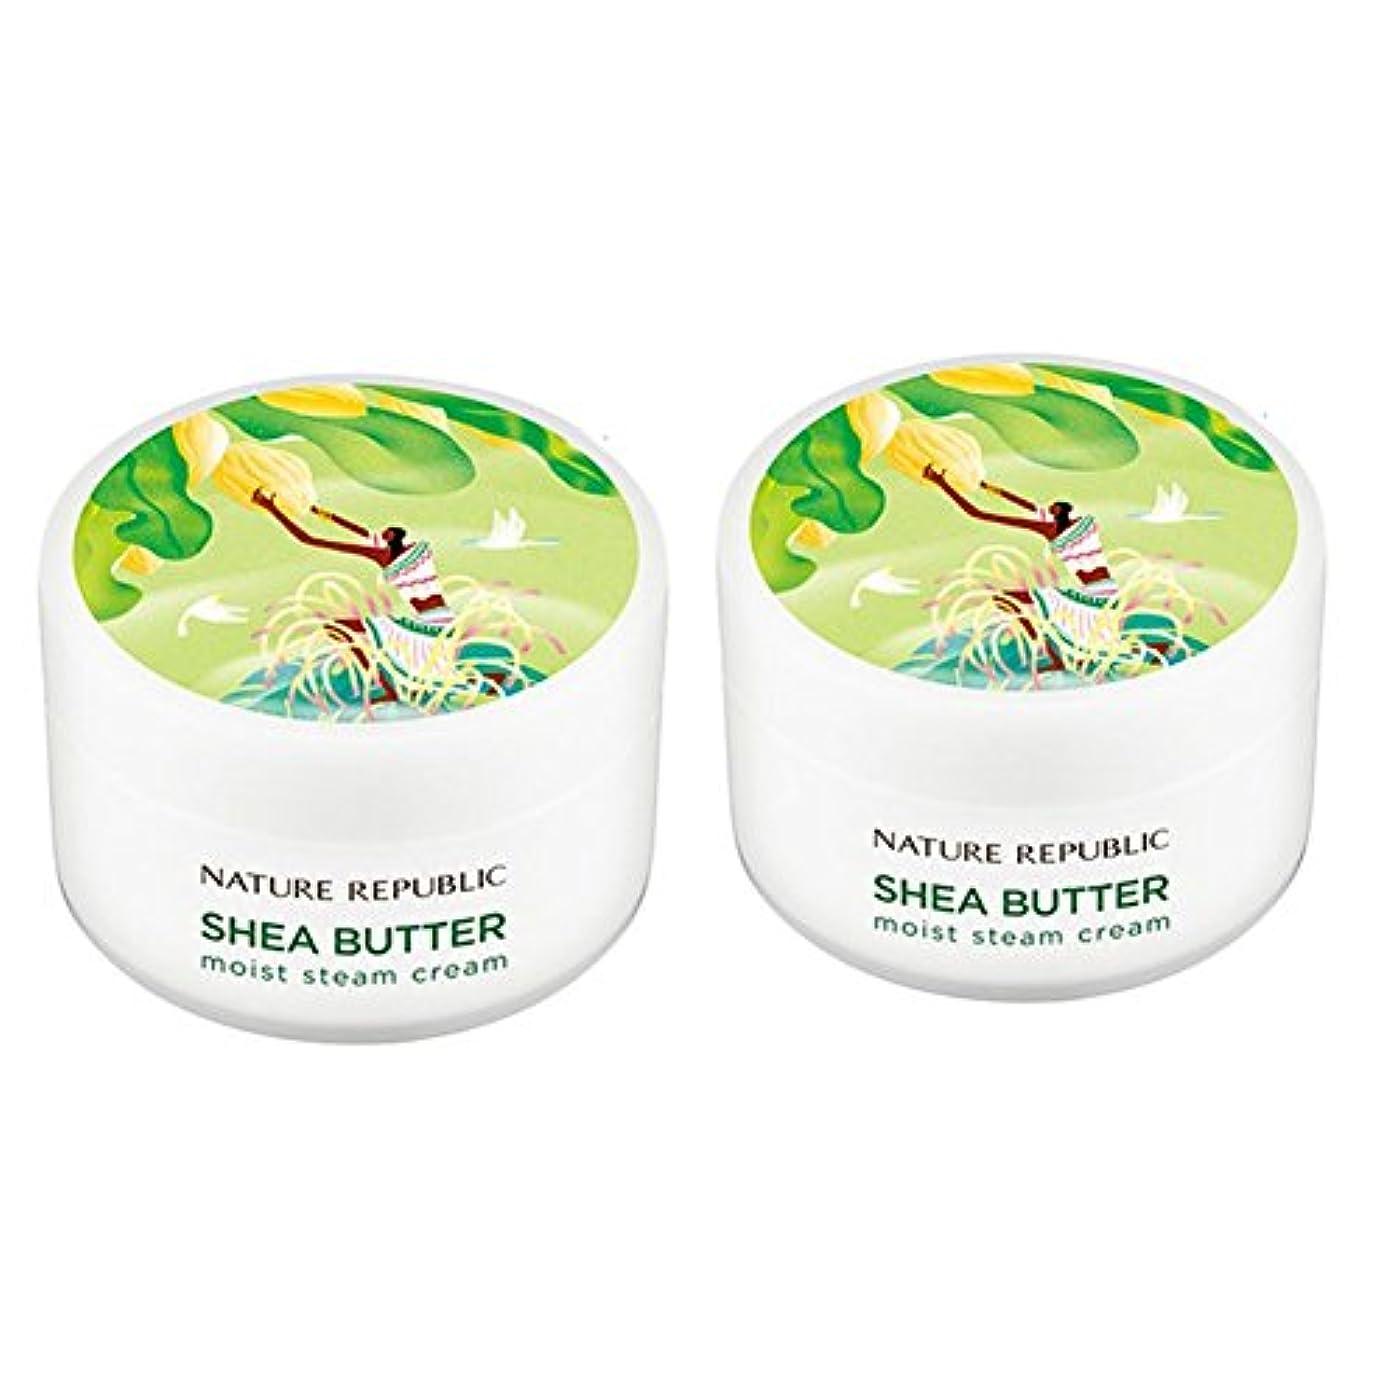 マッシュドラマ確かめるネイチャーリパブリック(NATURE REPUBLIC)シェアバターモイストスチームクリーム100mlx 2本セット NATURE REPUBLIC Shea Butter Moist Steam Cream 100mlx...